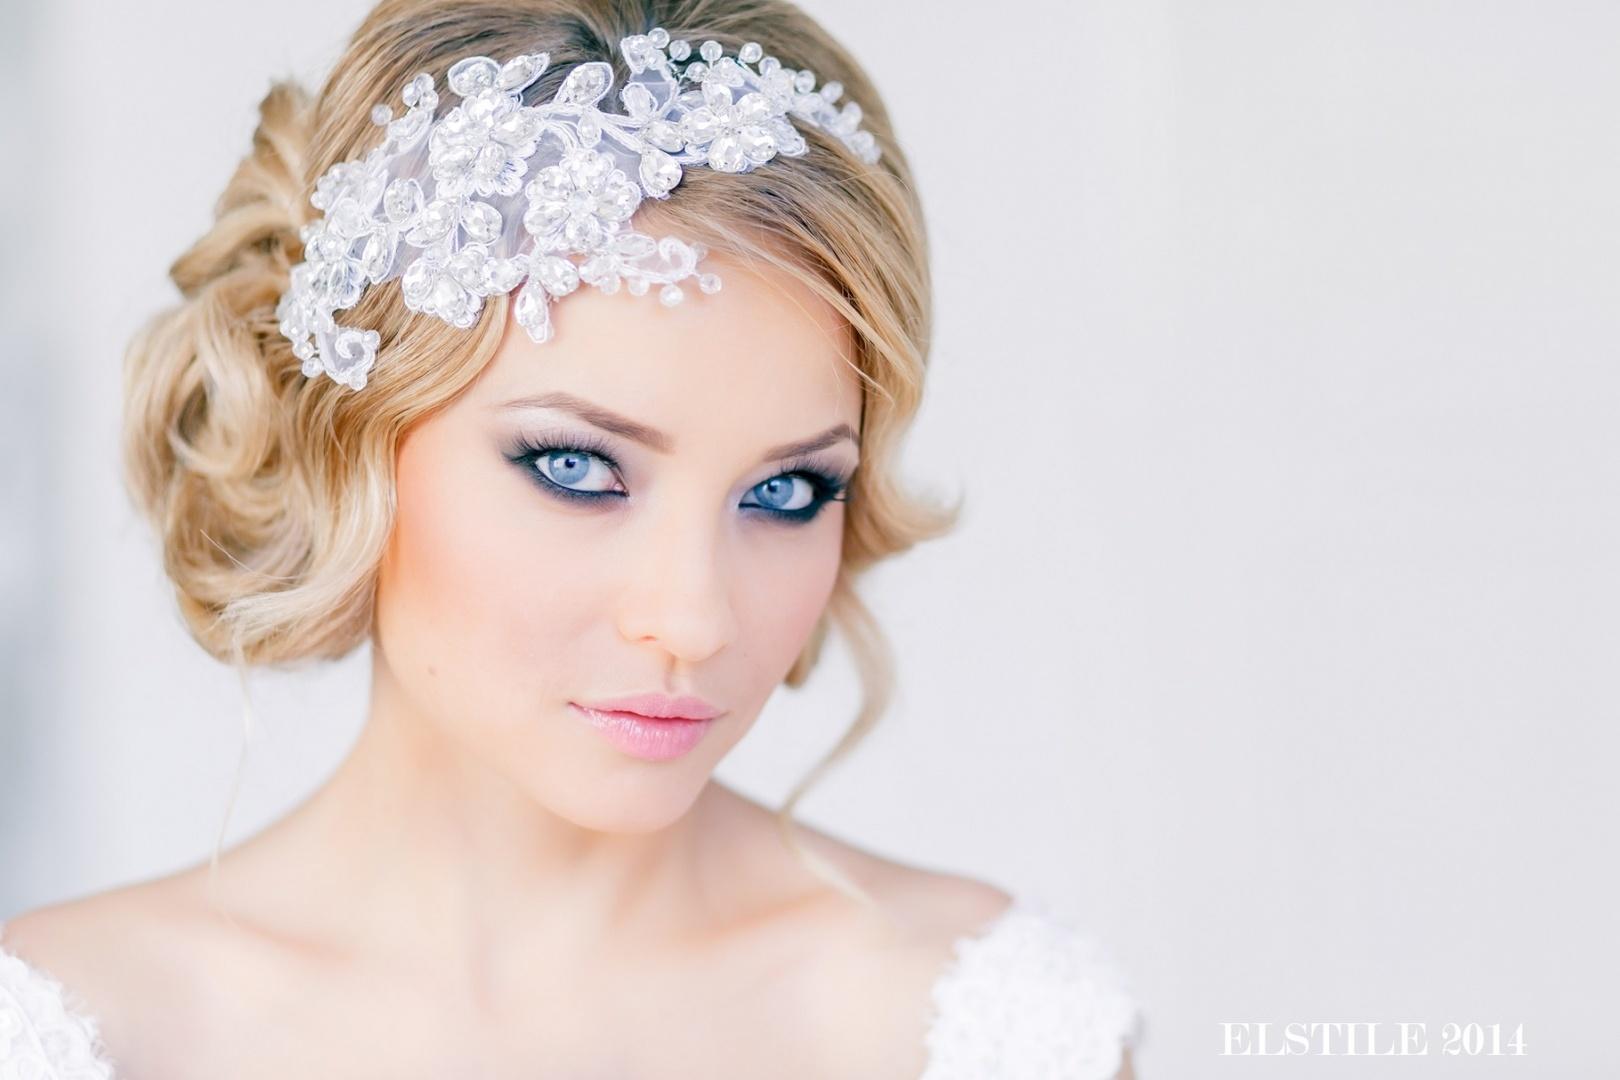 Свадебные аксессуары и украшения, свадебные прически и макияж. - 1 september 2015 - blog - roma-crocuc.